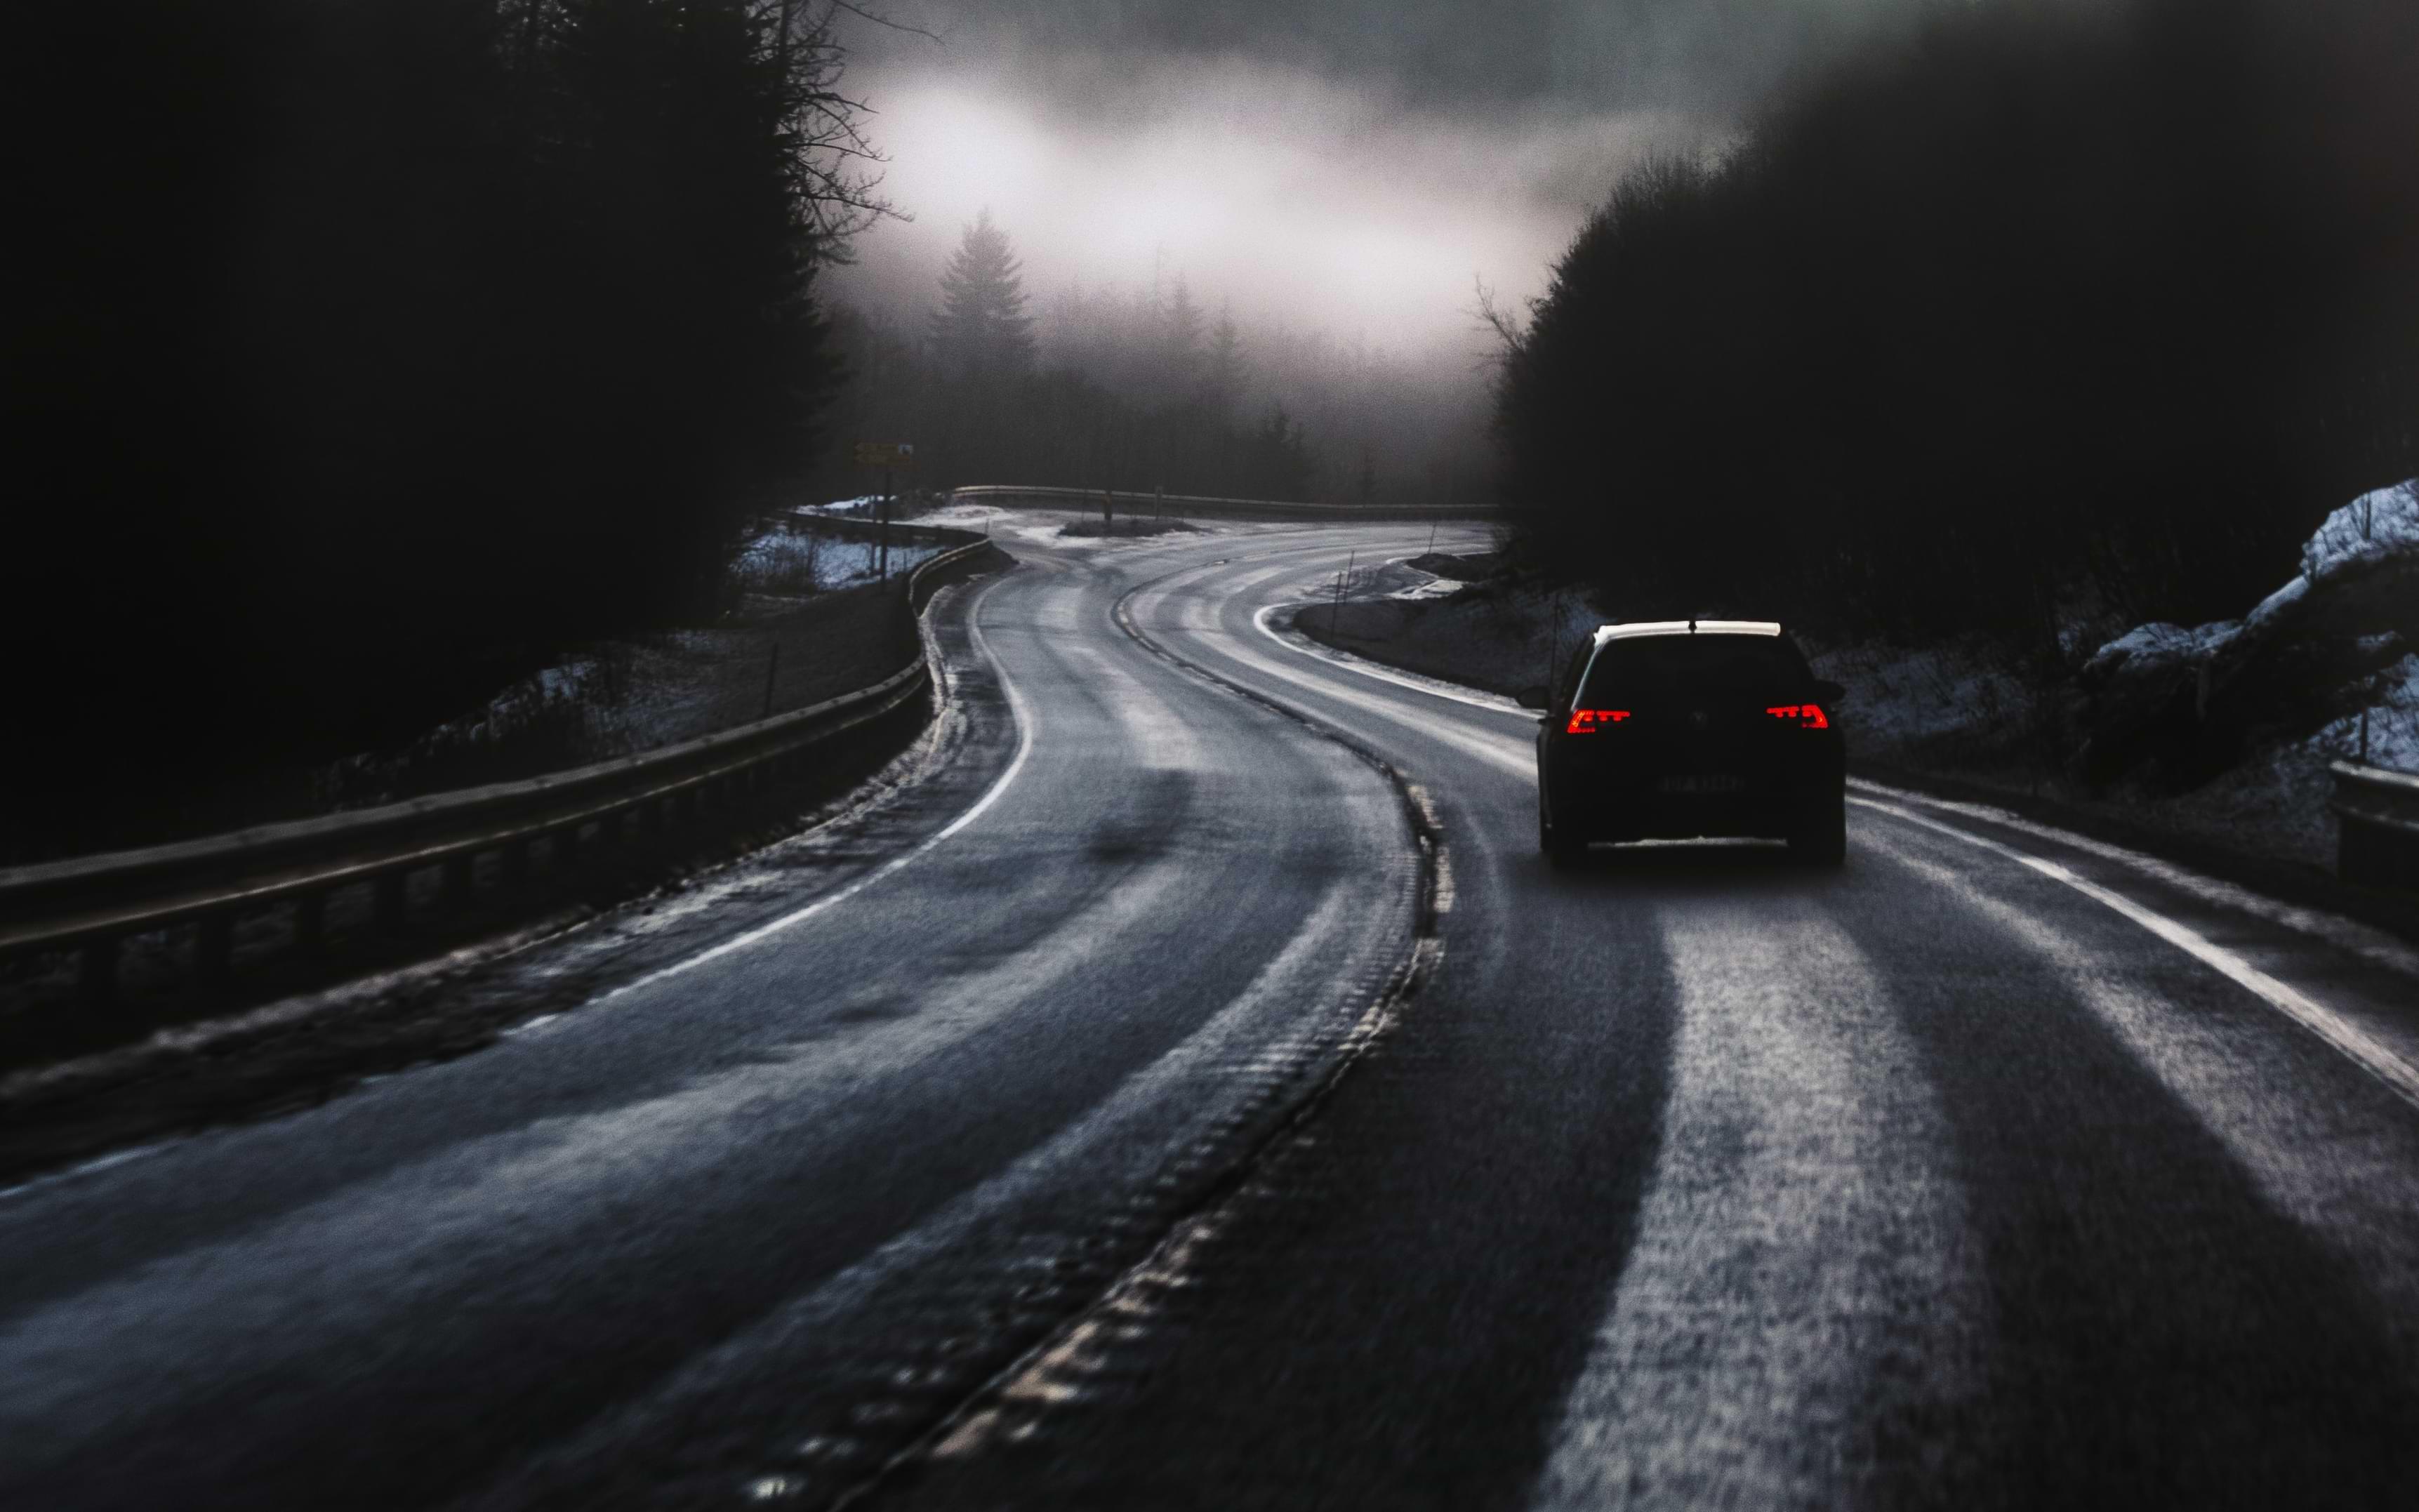 povinné ručení 2021 - pojištění automobilu